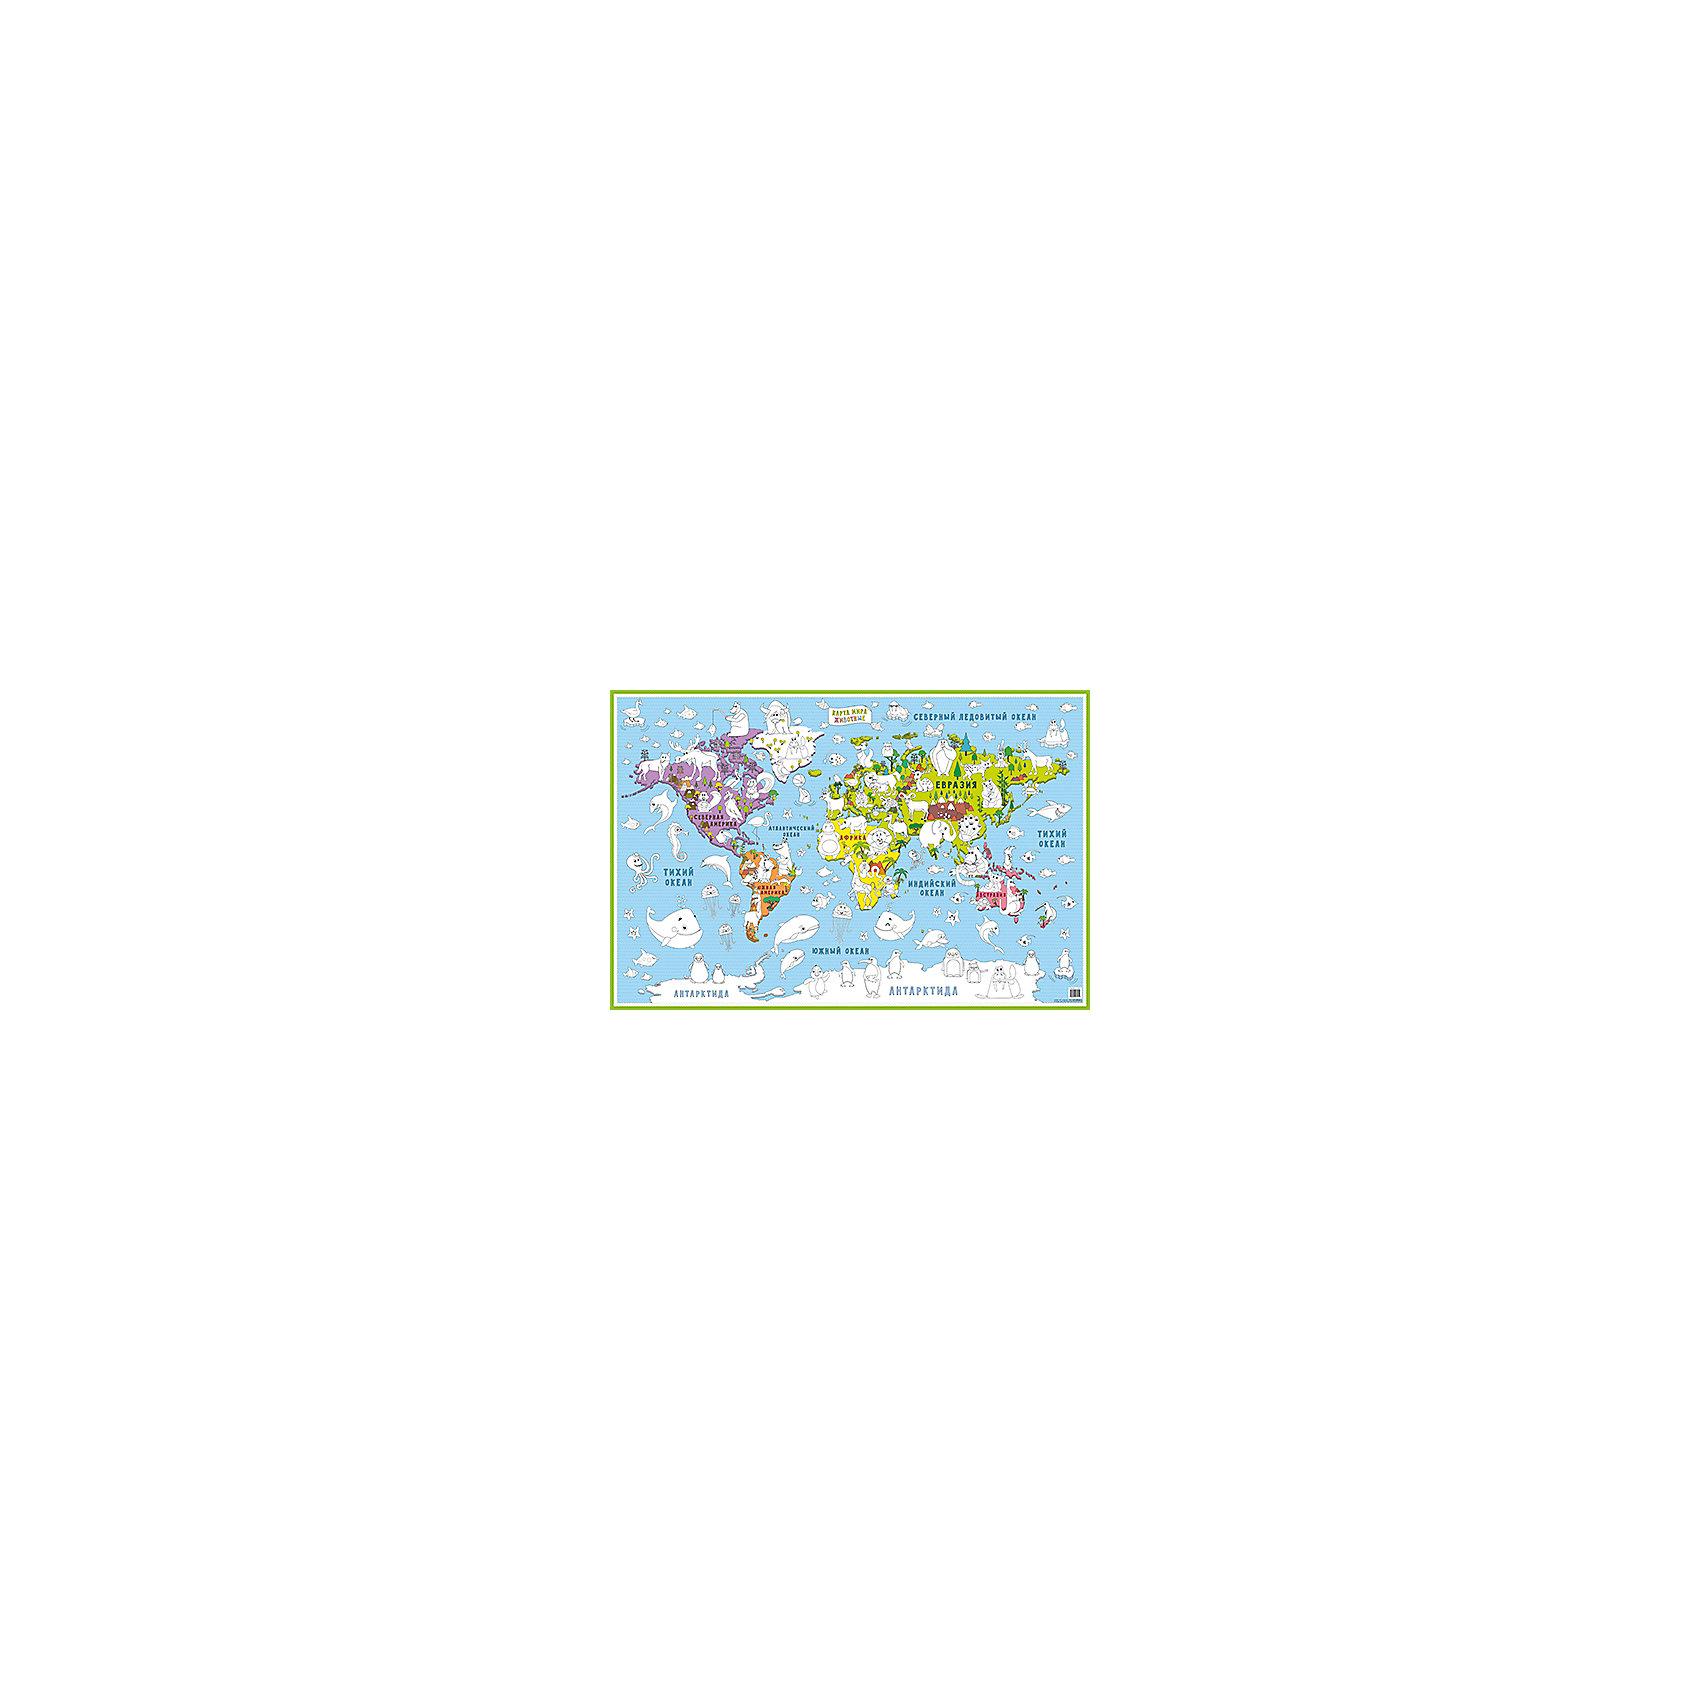 Карта-раскраска Карта мира ЖивотныеКарта-раскраска Карта мира Животные.<br><br>Характеристики:<br><br>• яркий дизайн<br>• подходит для обучения<br>• упаковка: тубус<br>• размер карты: 60х90 см<br>• вес: 100 грамм<br><br>Каждый родитель знает, что обучение в игровой форме поможет ребенку лучше запоминать полученную информацию. Раскраска Карта мира. Животные познакомит ребенка с материками, странами и животными. Каждое животное ребенку предстоит раскрасить по своему усмотрению. Эта карта не только научит основам географии, но и приятно дополнит детскую комнату!<br><br>Карту-раскраску Карта мира Животные вы можете купить в нашем интернет-магазине.<br><br>Ширина мм: 60<br>Глубина мм: 90<br>Высота мм: 0<br>Вес г: 100<br>Возраст от месяцев: 72<br>Возраст до месяцев: 108<br>Пол: Унисекс<br>Возраст: Детский<br>SKU: 5124687